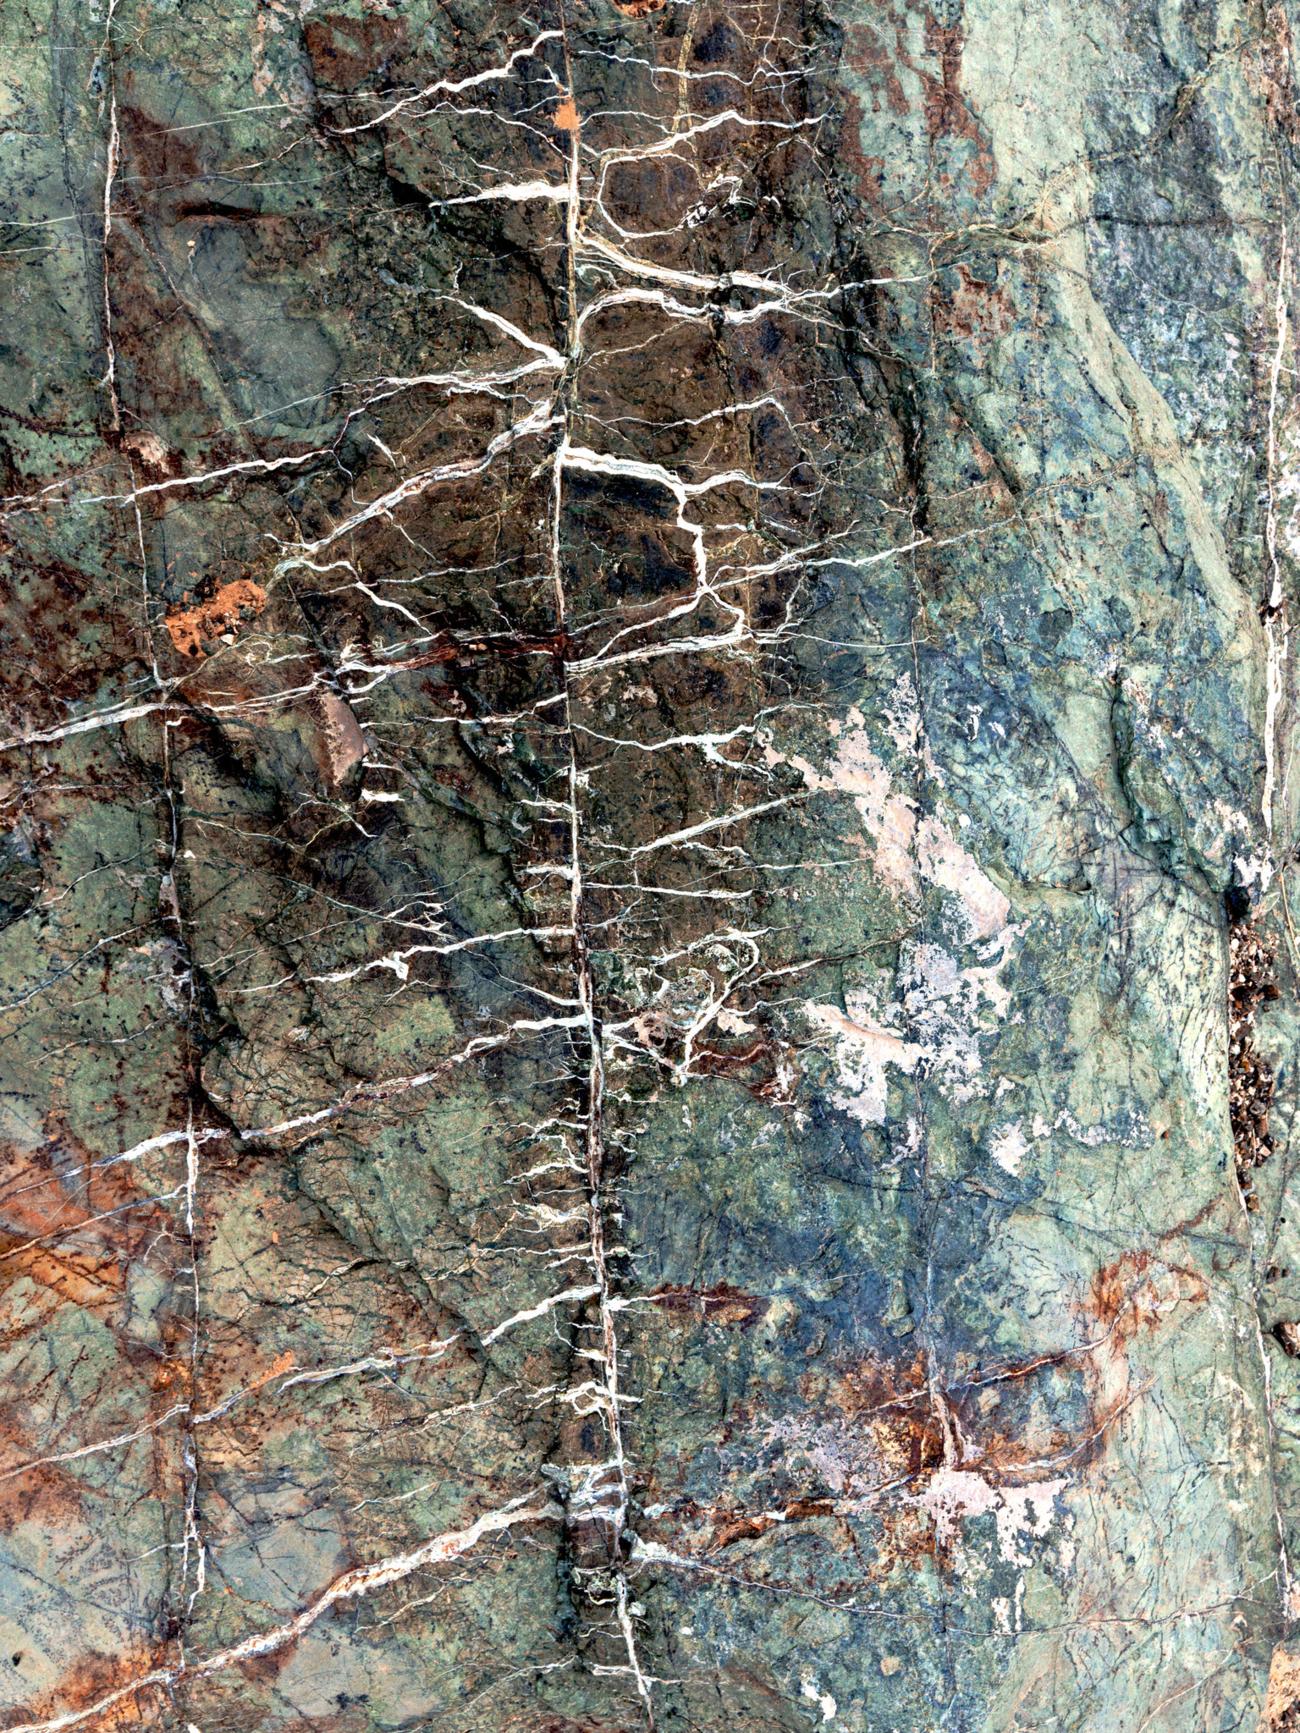 Loại đá 'nhiệm màu' có thể cứu Trái đất khỏi nóng lên vừa được tìm ra